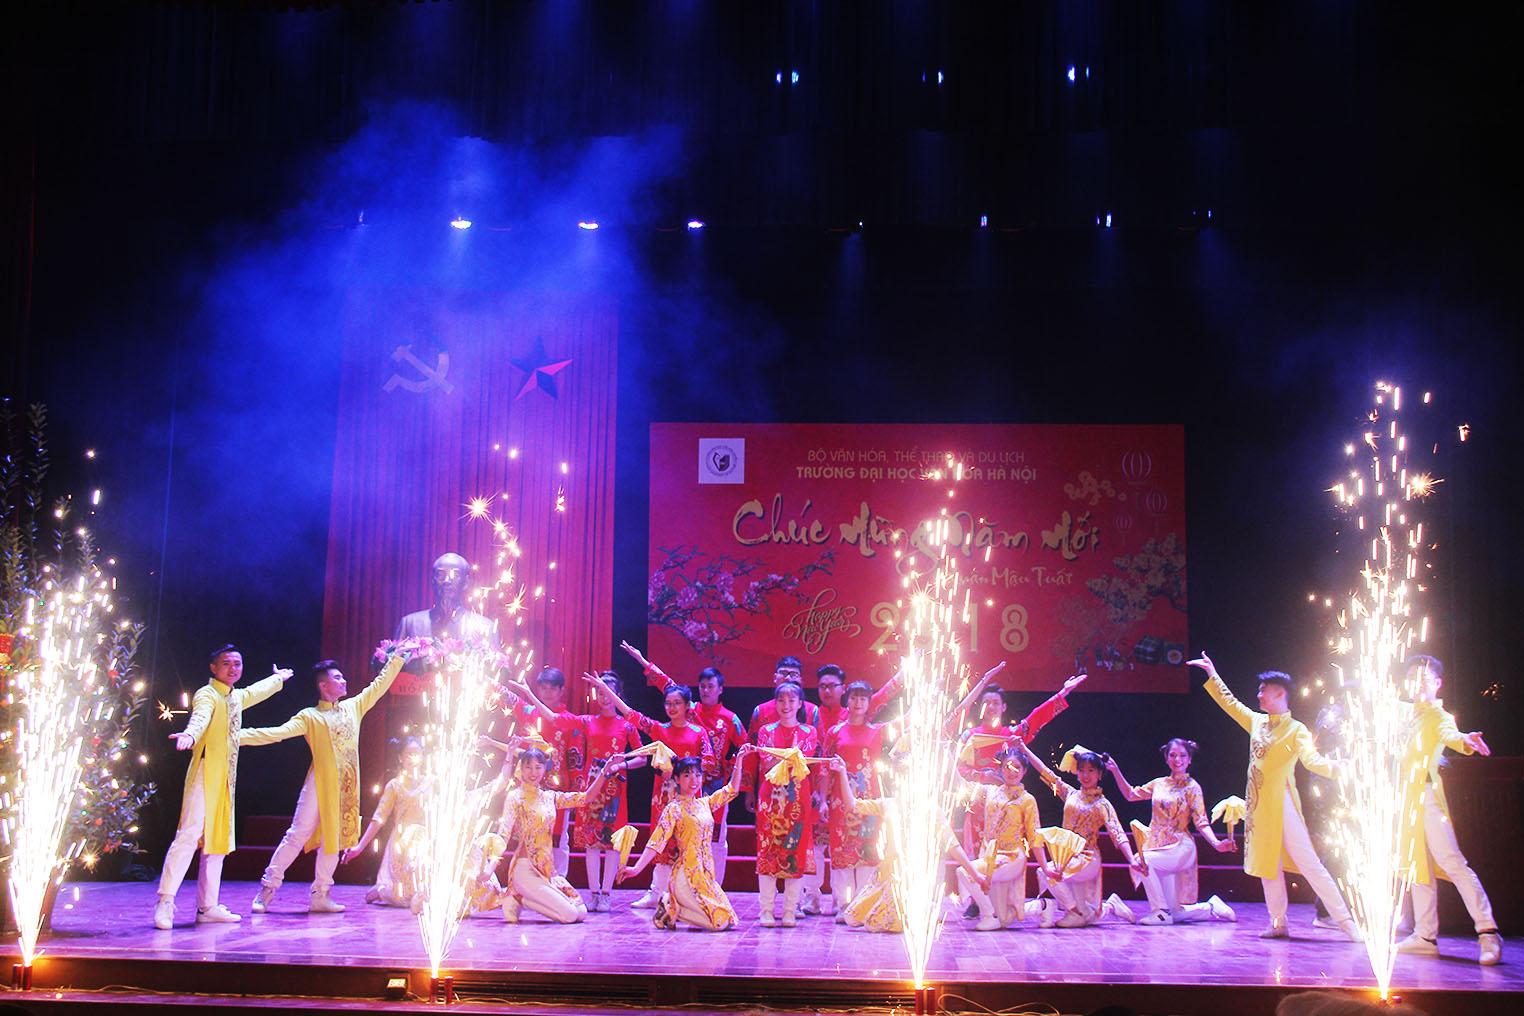 Đón xuân Mậu Tuất 2018: Những cái nhất của Trường Đại học Văn hóa Hà Nội trong năm 2017 - Đòn bẩy từ nền tảng vững chắc